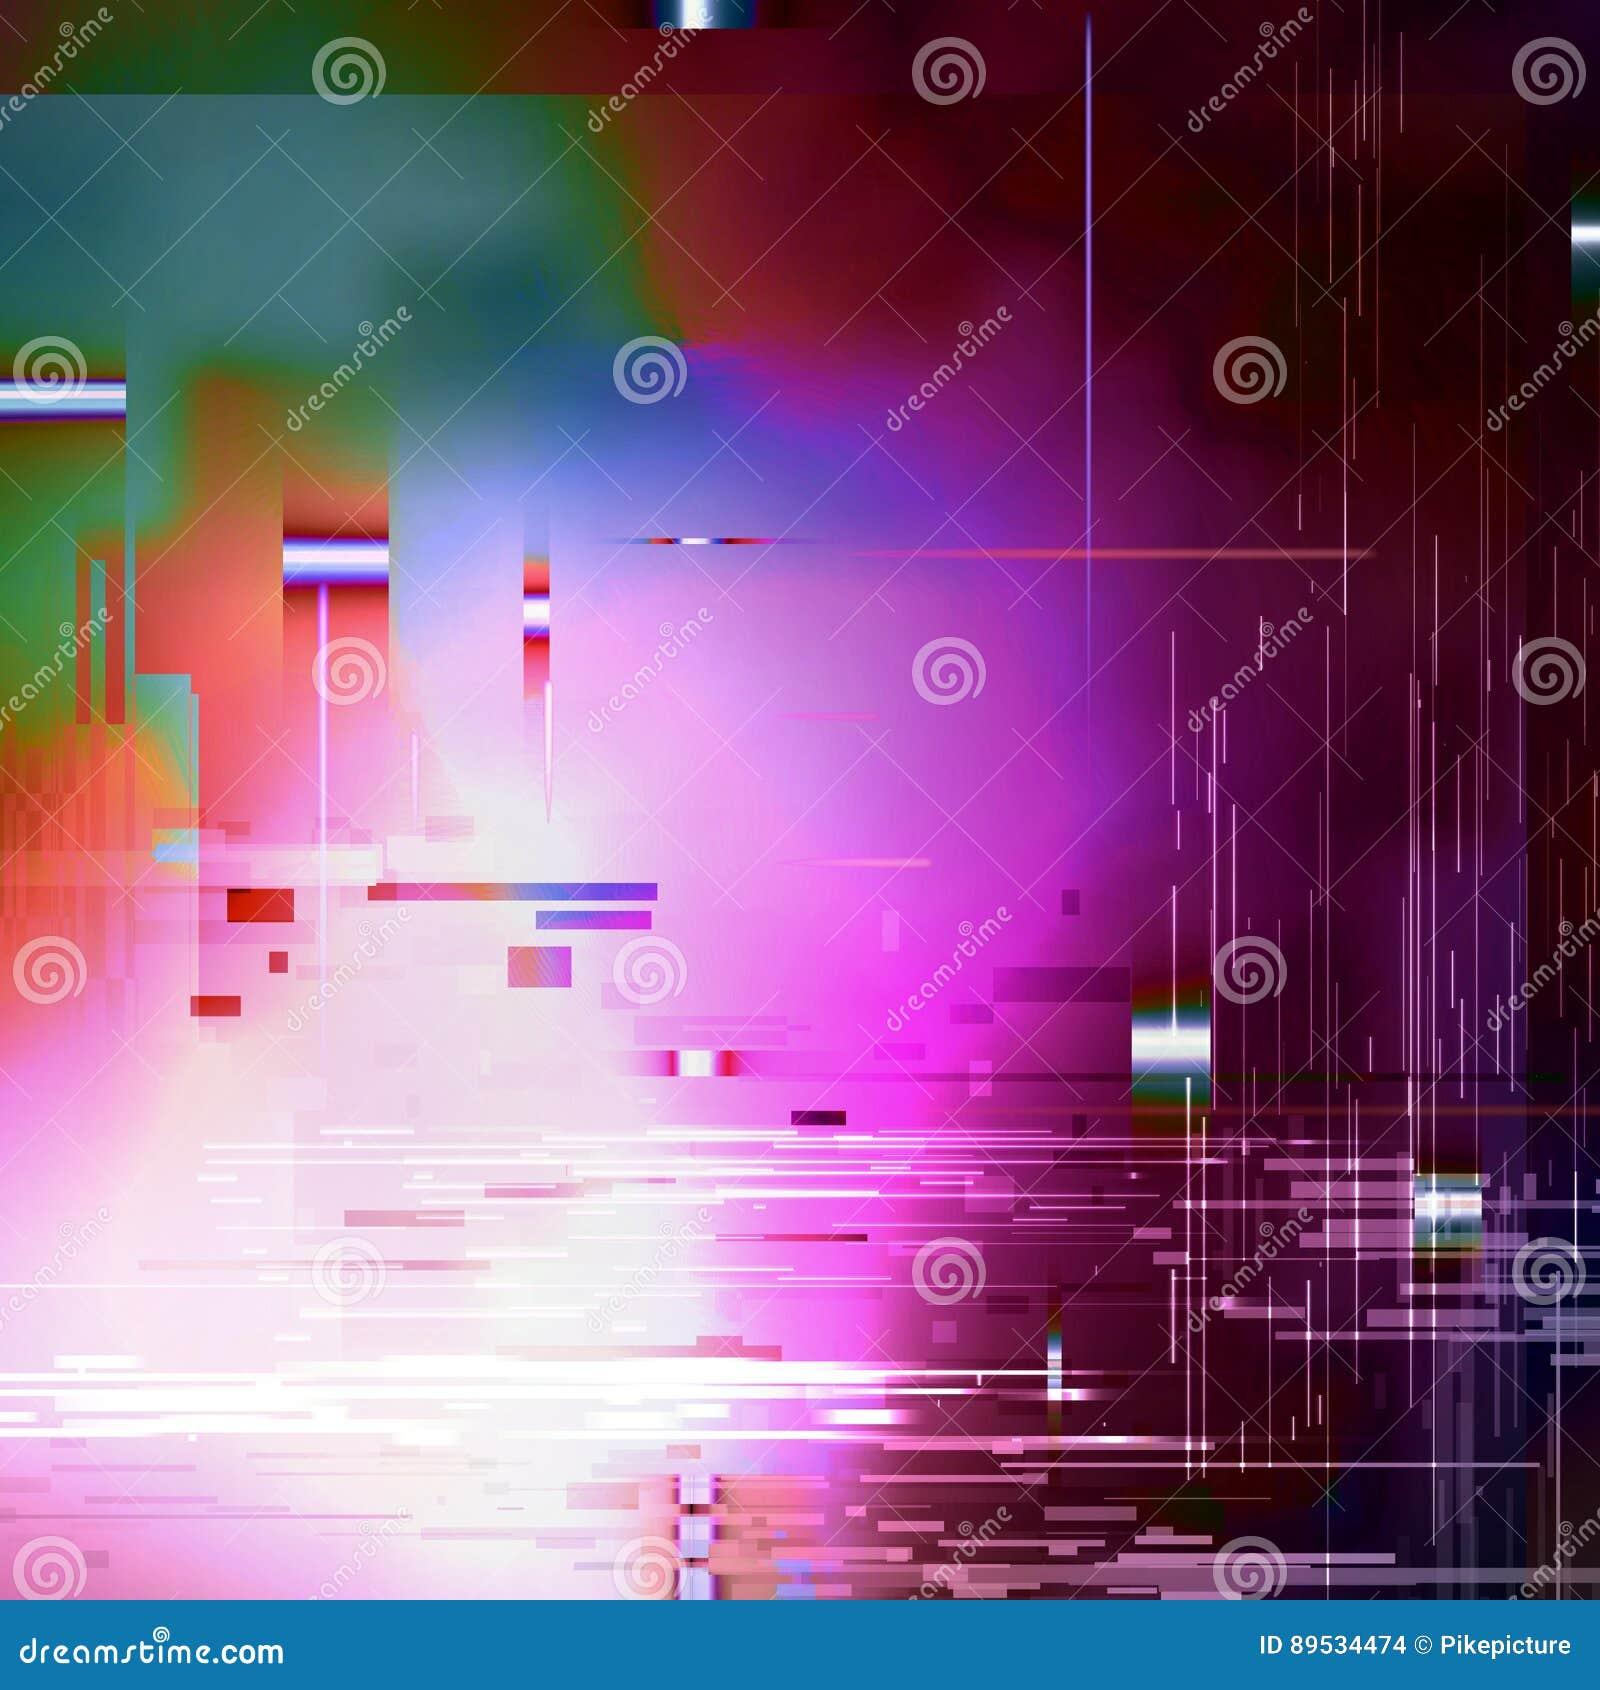 Glitched Abstracte Vectorachtergrond Gemaakt van Kleurrijk Pixelmozaïek Het digitale bederf, signaalfout, televisie ontbreekt In